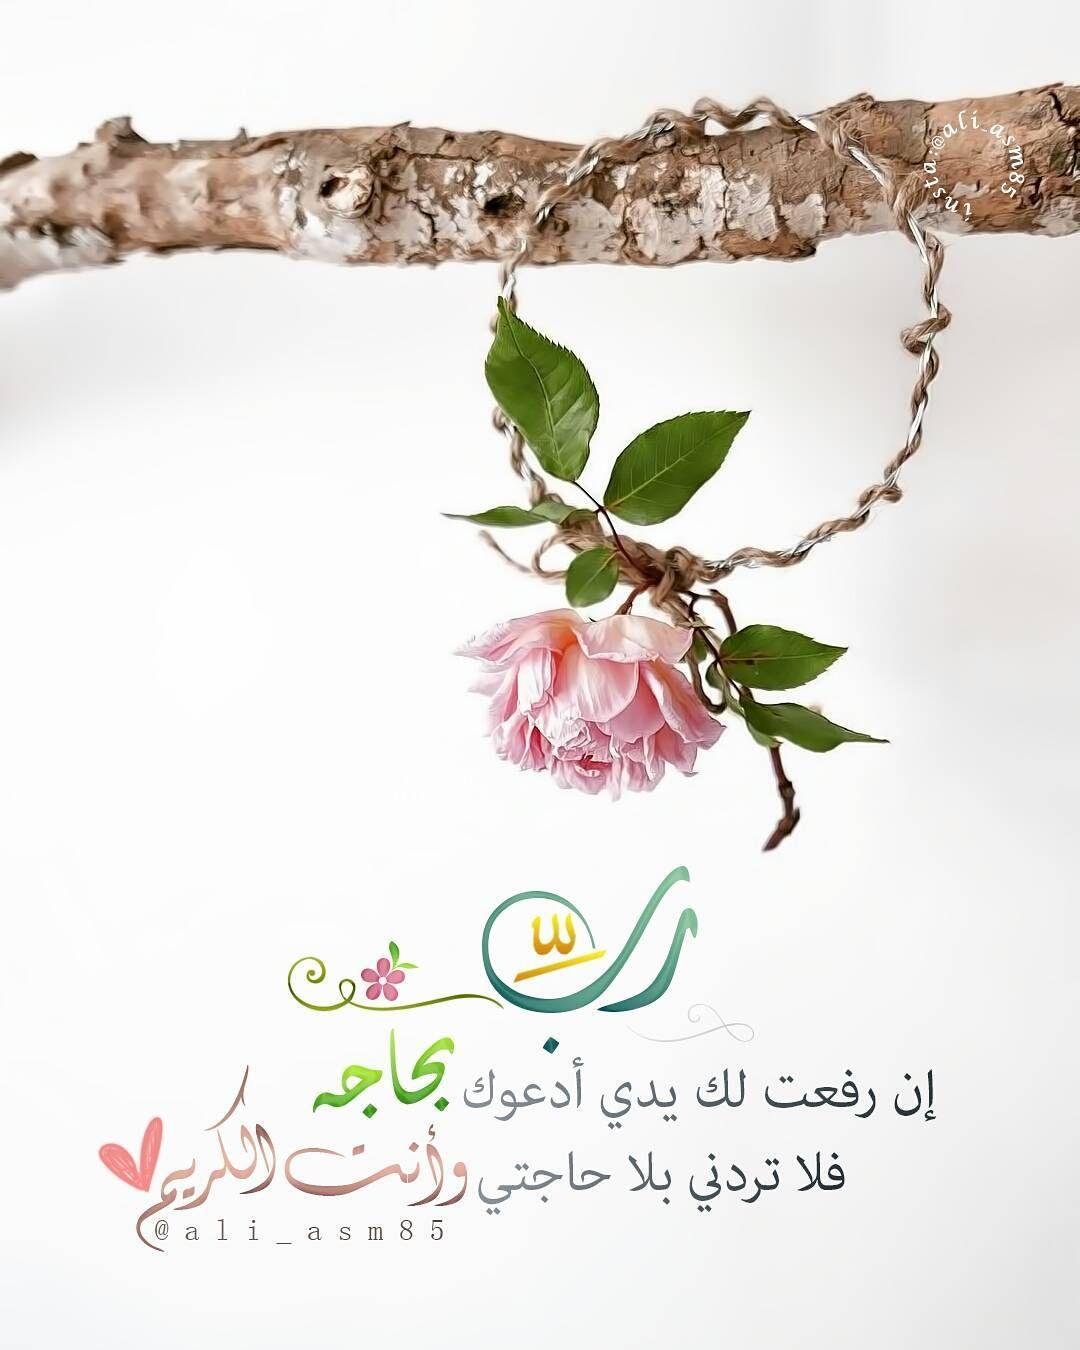 421 Likes 30 Comments Aℓi Ali Asm85 On Instagram اللهم أعنا على ذكرك وشكرك وحسن عبادتك تصميمات دينية Blossom Decor Hoop Wreath